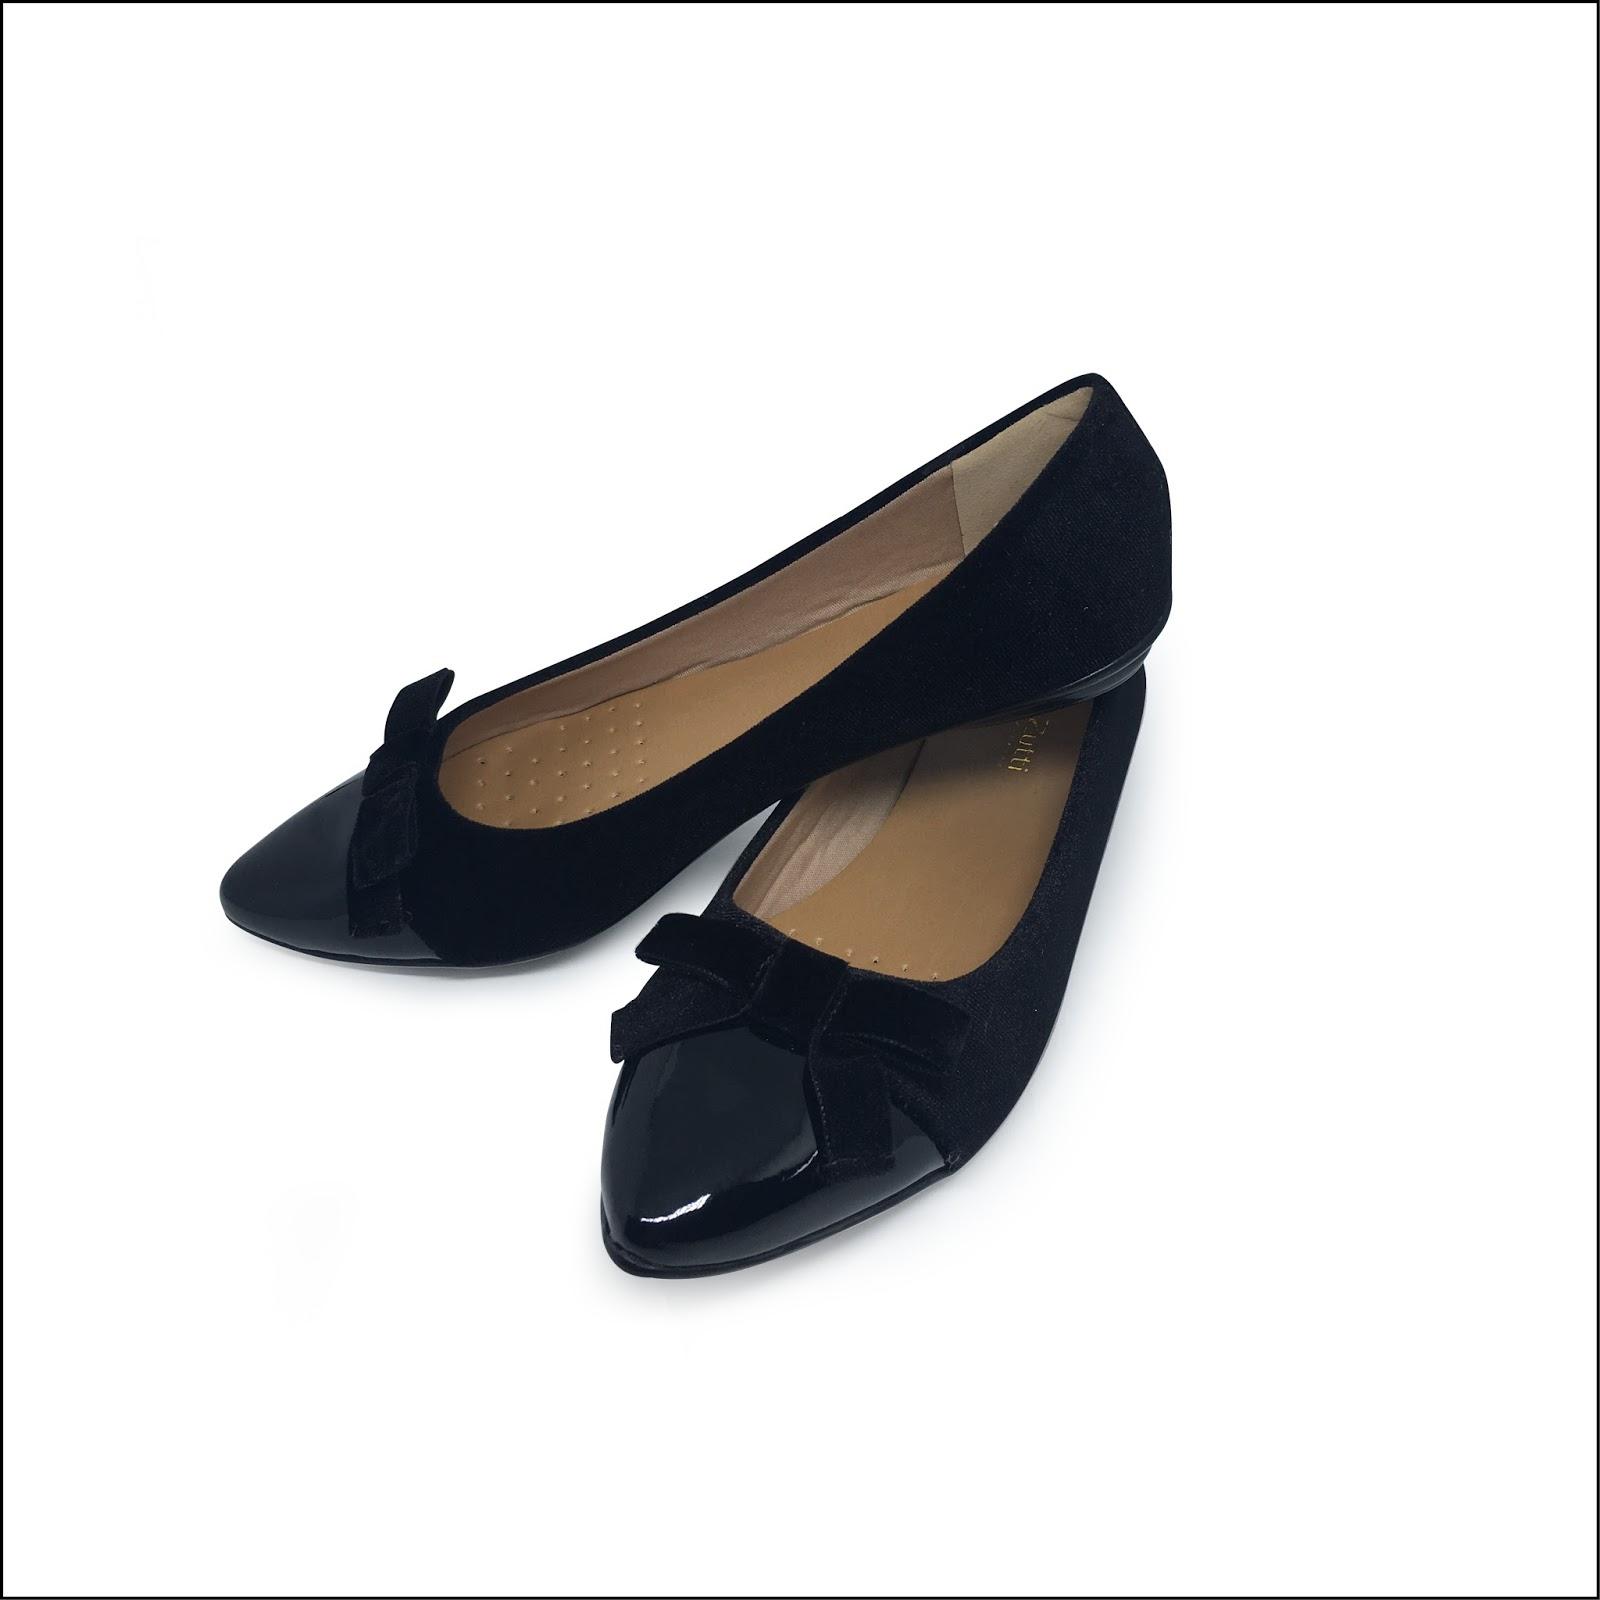 730ac78d1 A Zutti conta com 13 lojas próprias em Curitiba, marca de calçados femininos  consolida presença com variedade, conveniência e preços justos